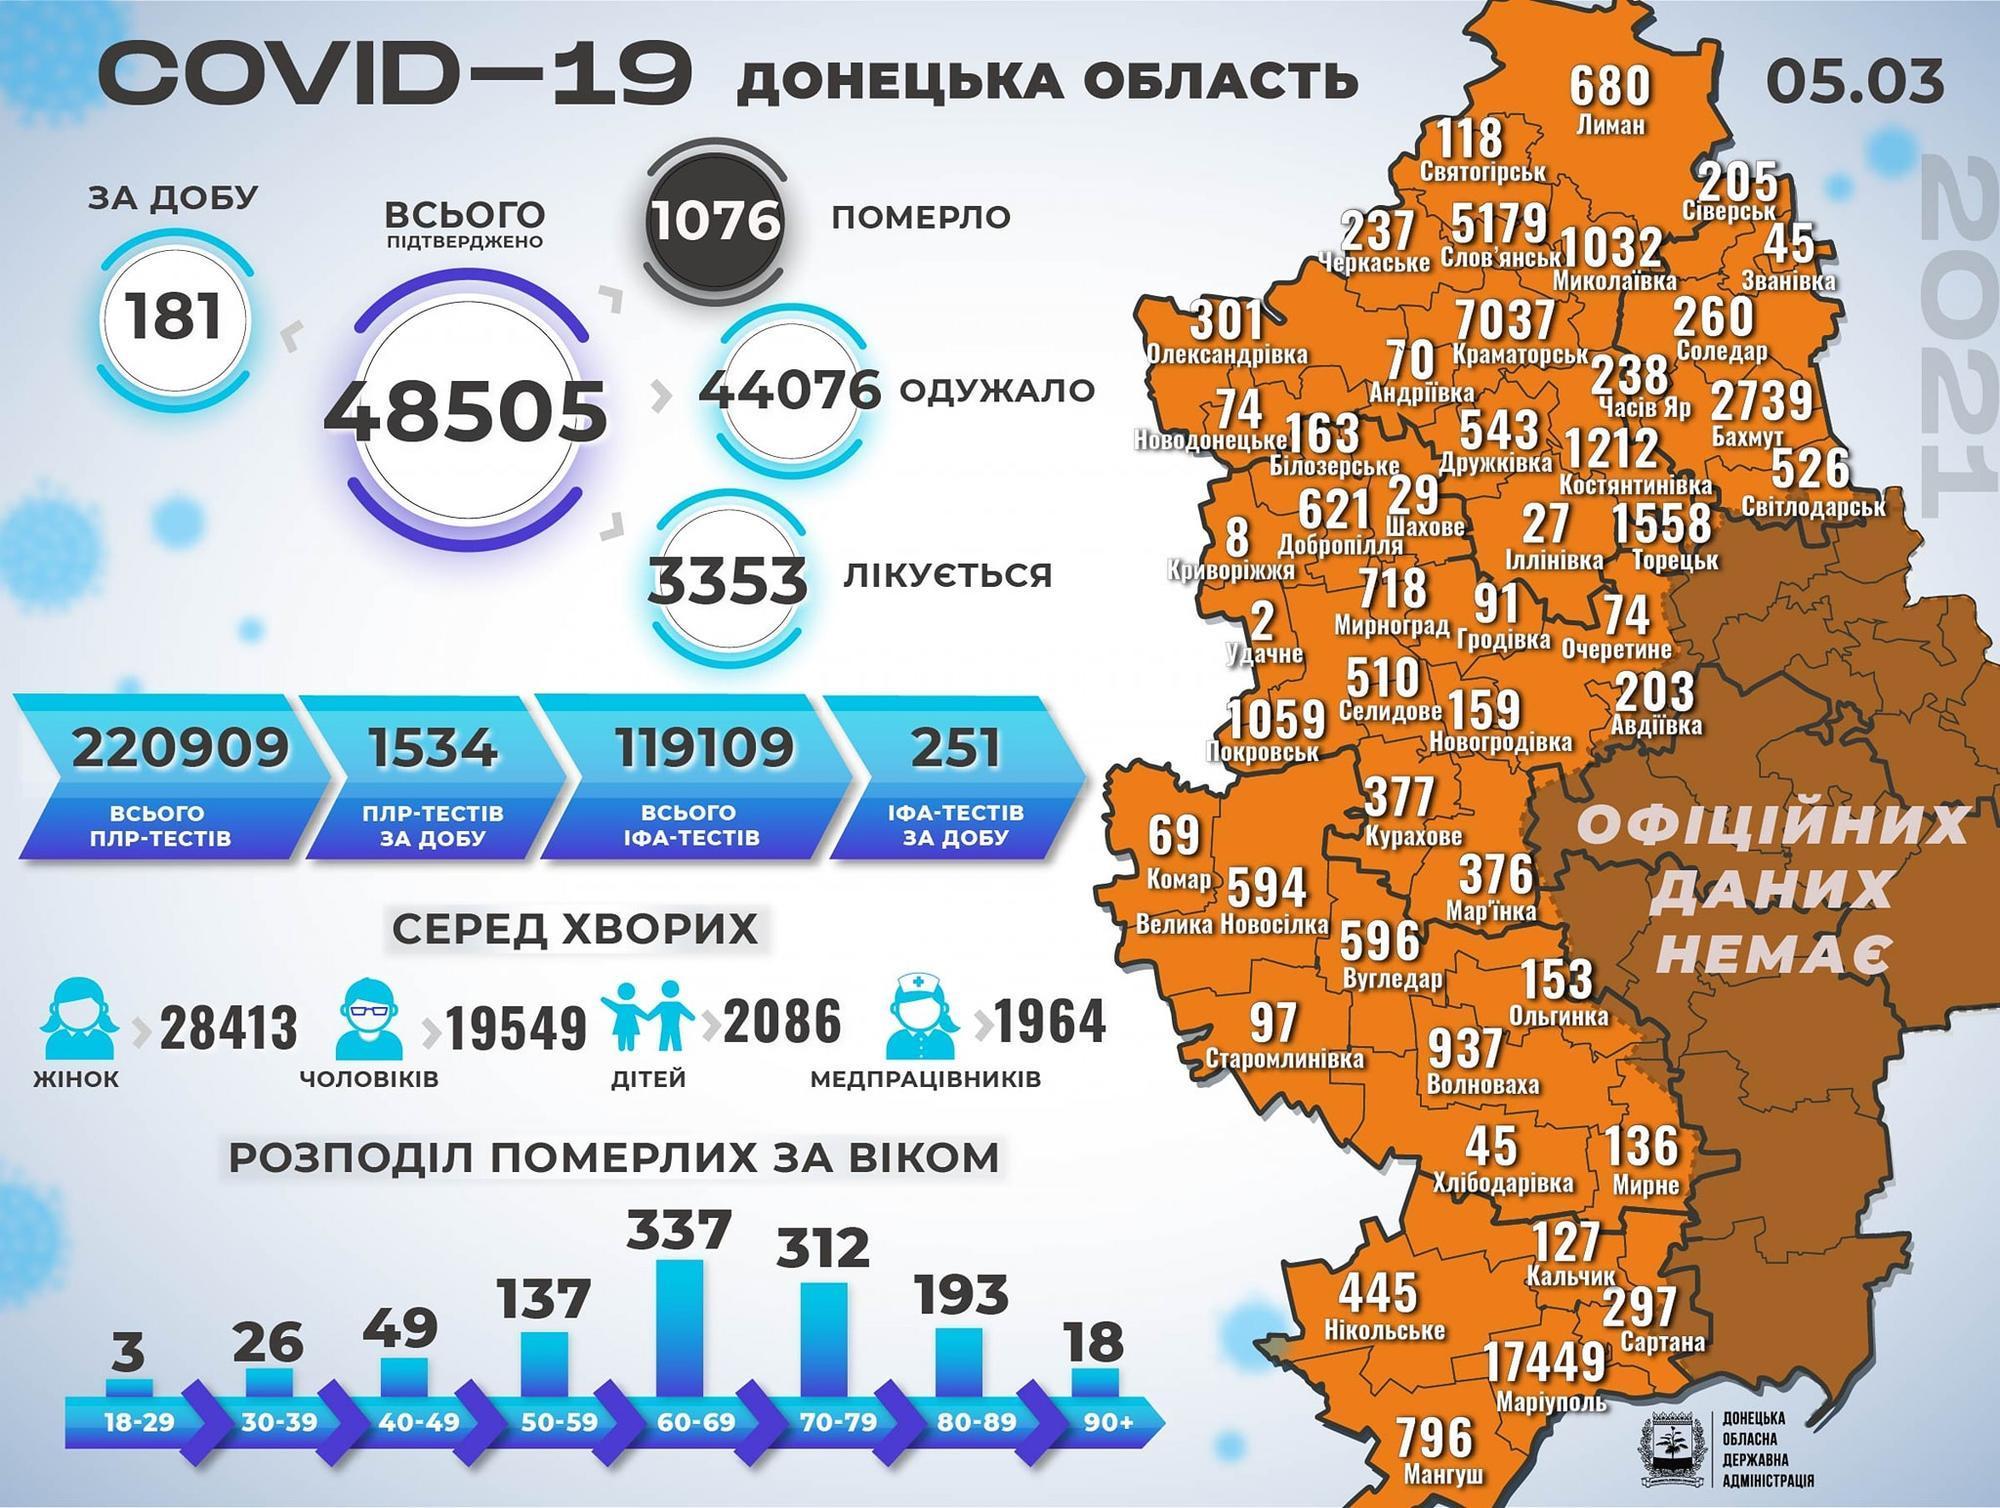 Статистика коронавируса на Донетчине по состоянию на 6 марта